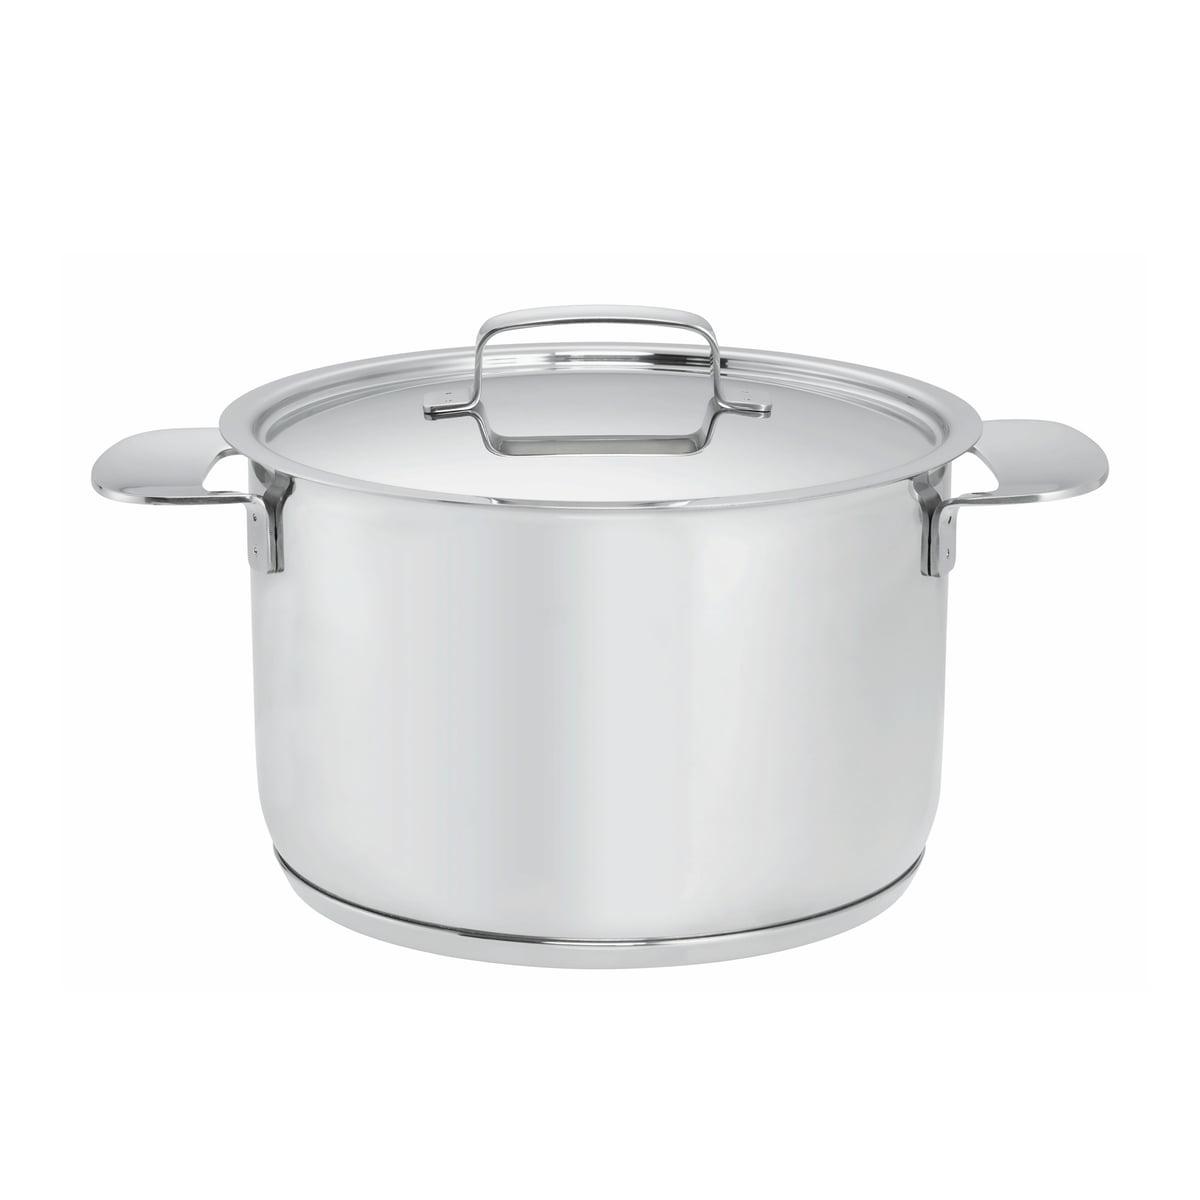 Fiskars - All Steel + Topf mit Deckel, 4l / Ø 20 cm | Küche und Esszimmer > Kochen und Backen > Töpfe | Edelstahl poliert | Fiskars